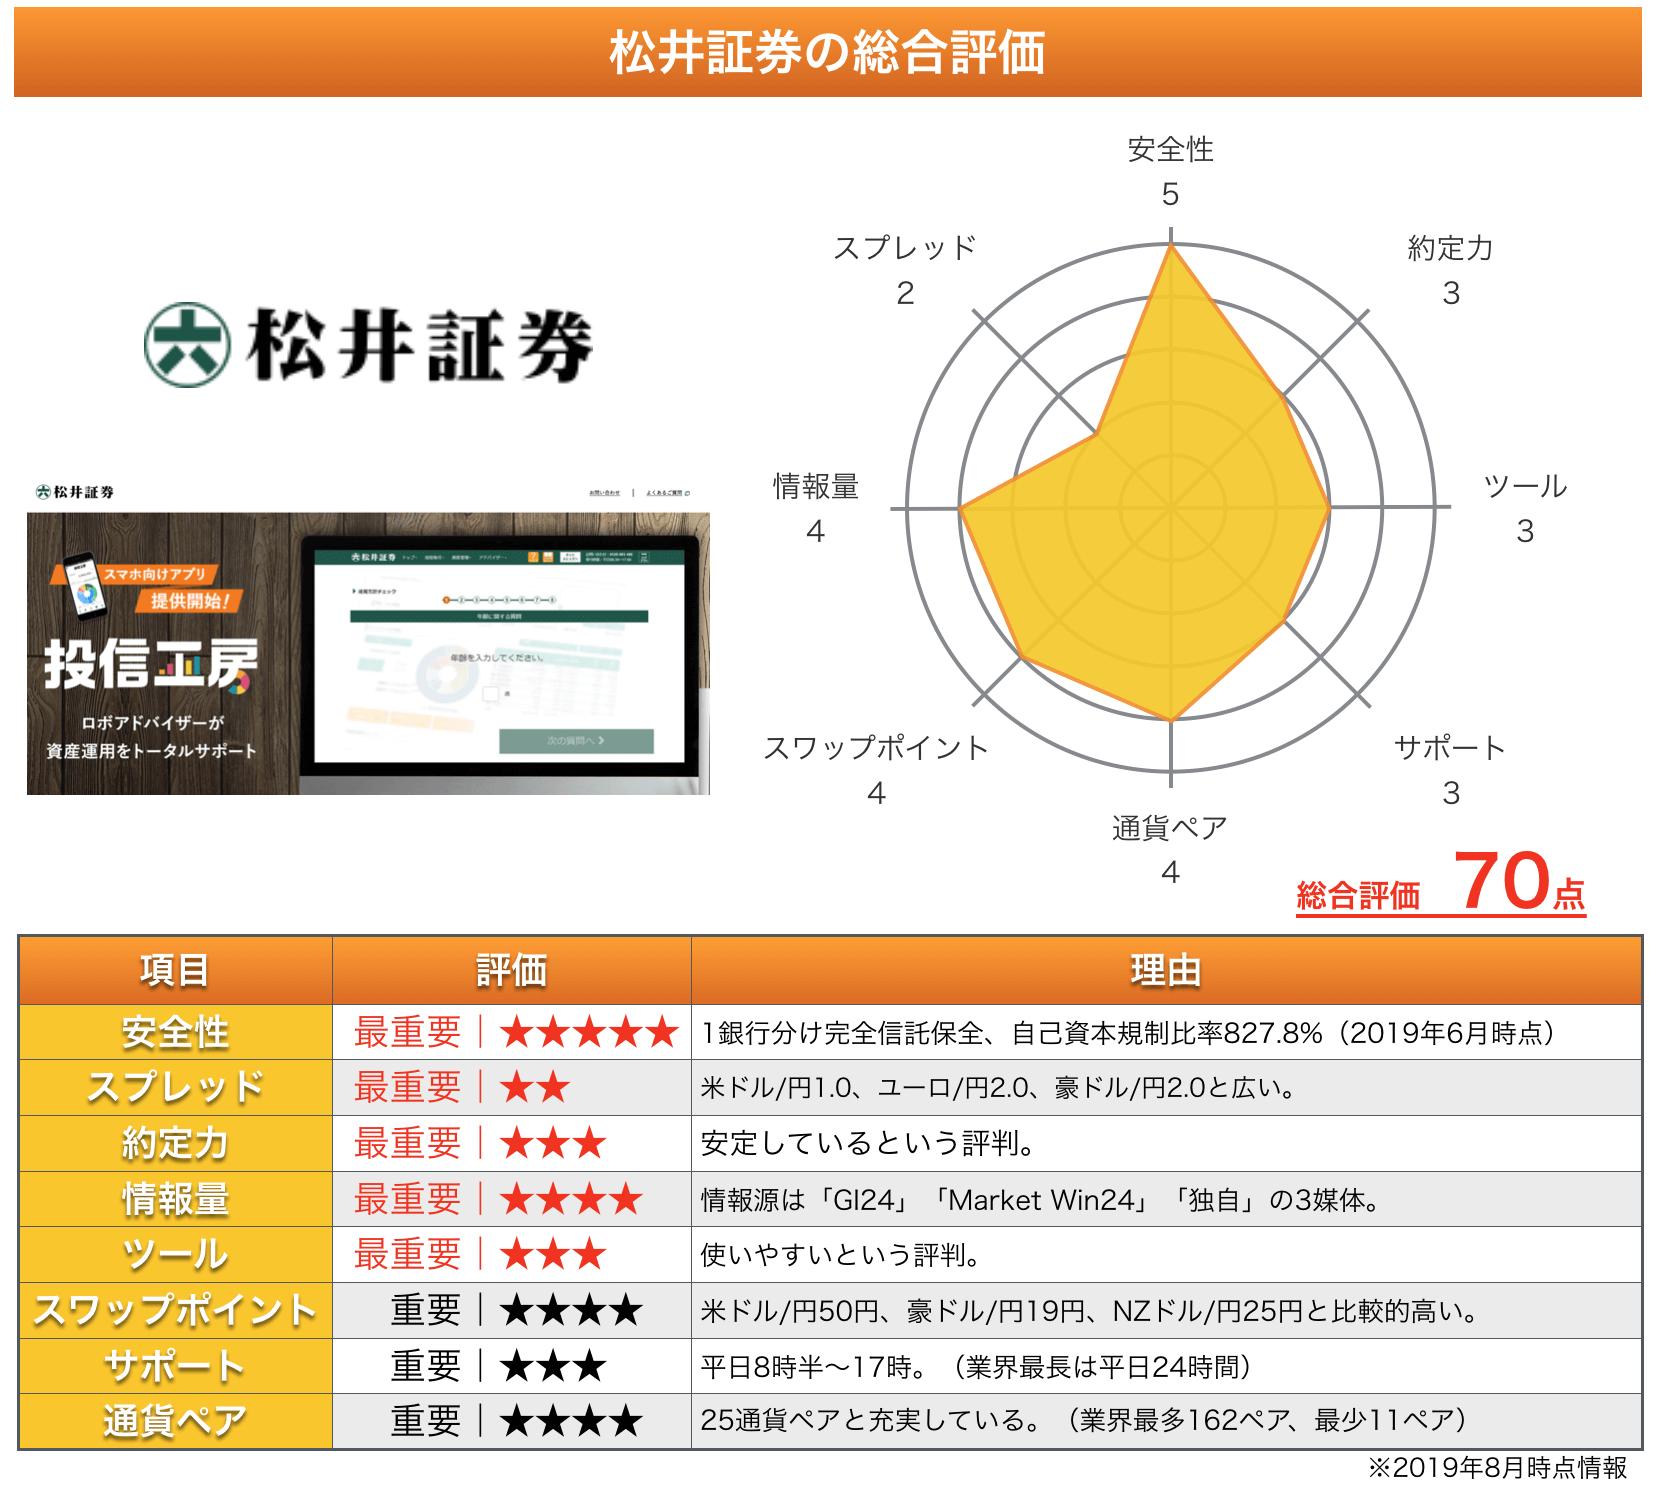 松井証券 評判